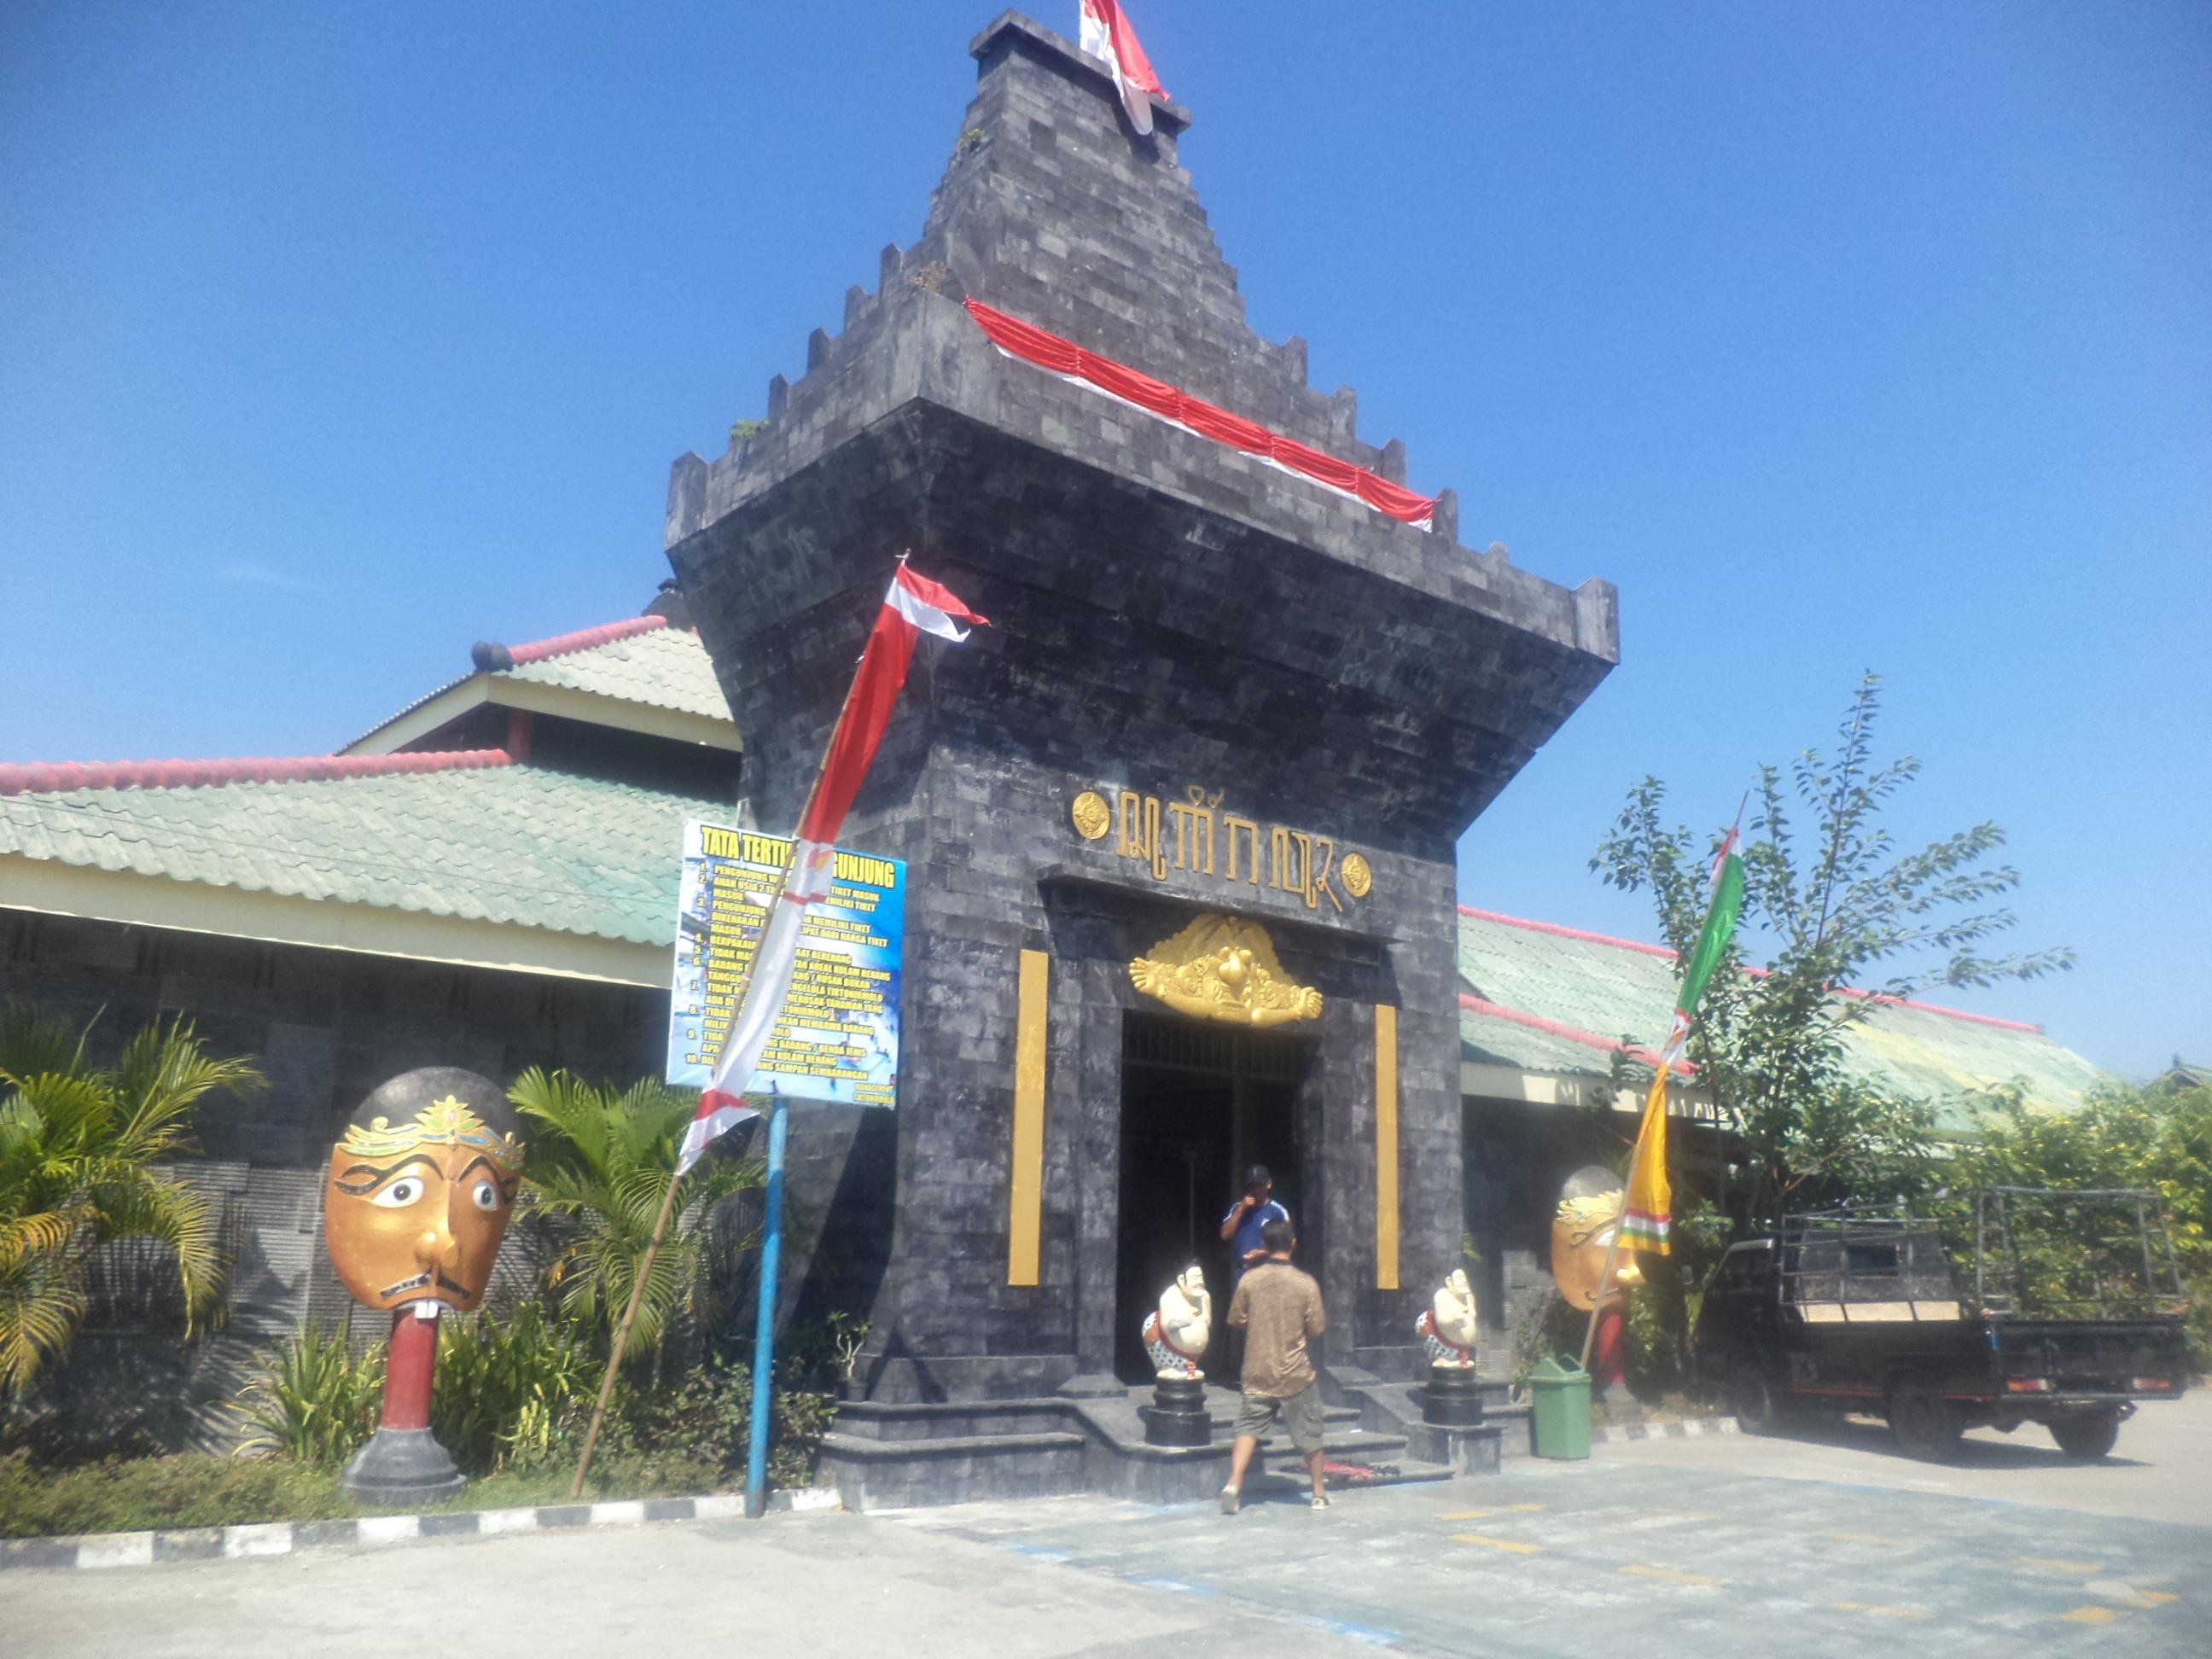 Lokasi Pariwisata Daerah Ngawikab Museumjatim Taman Wisata Water Park Tirto